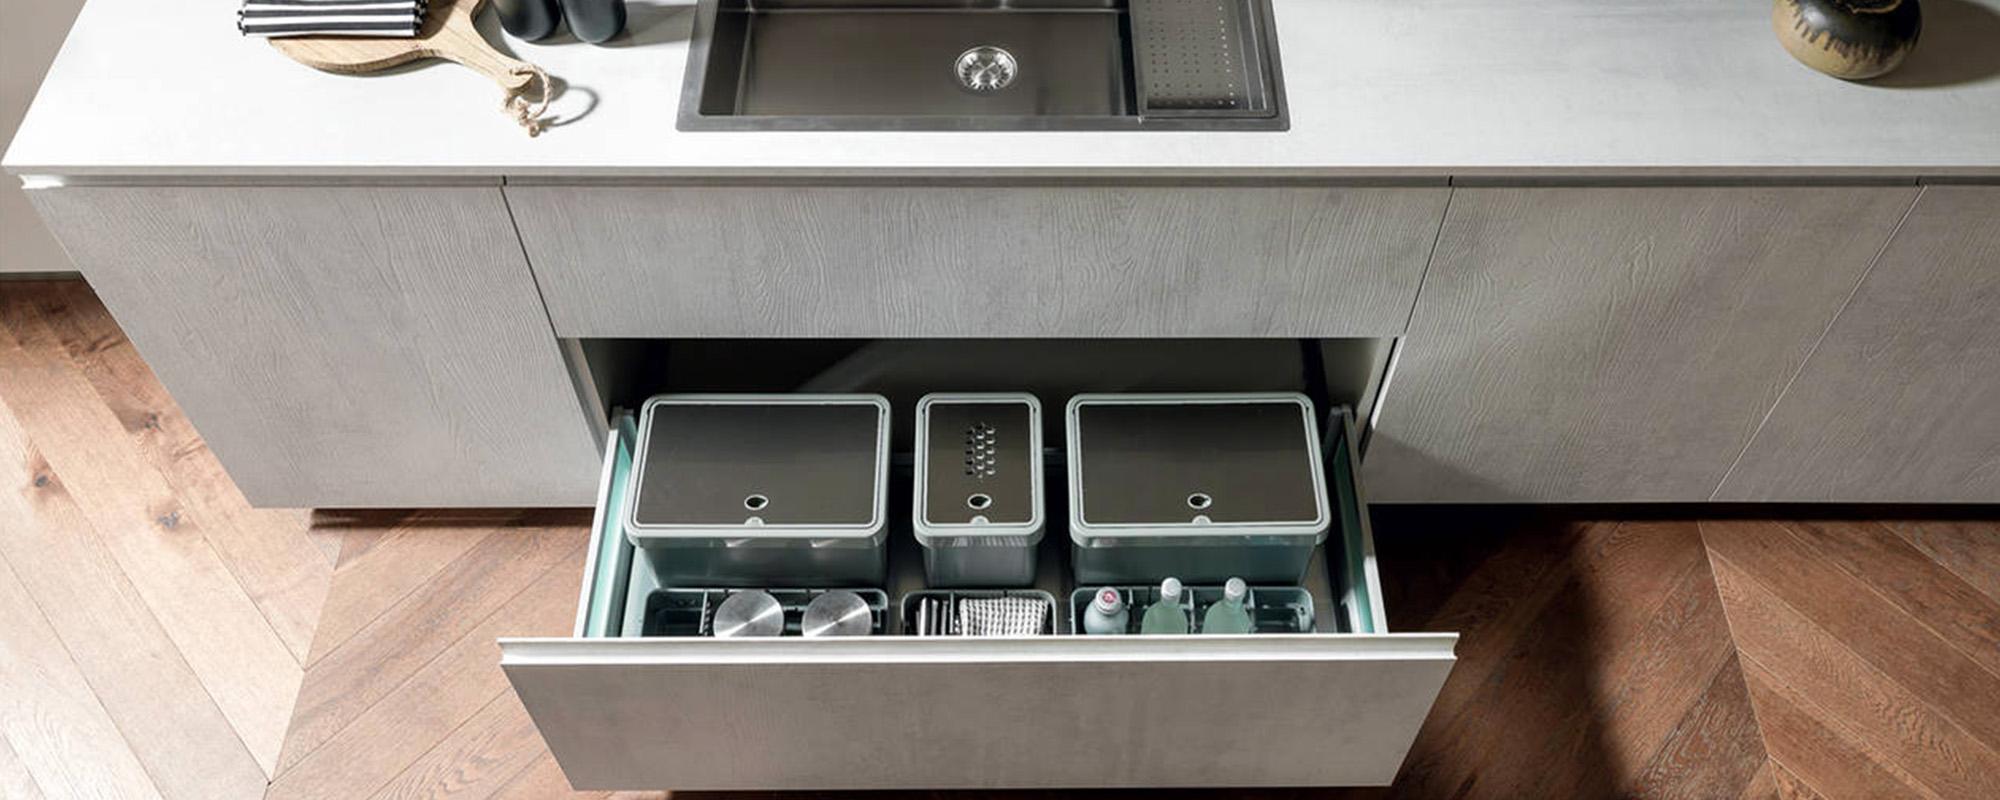 Casa Della Carta Padova consigli e suggerimenti per la raccolta differenziata in cucina